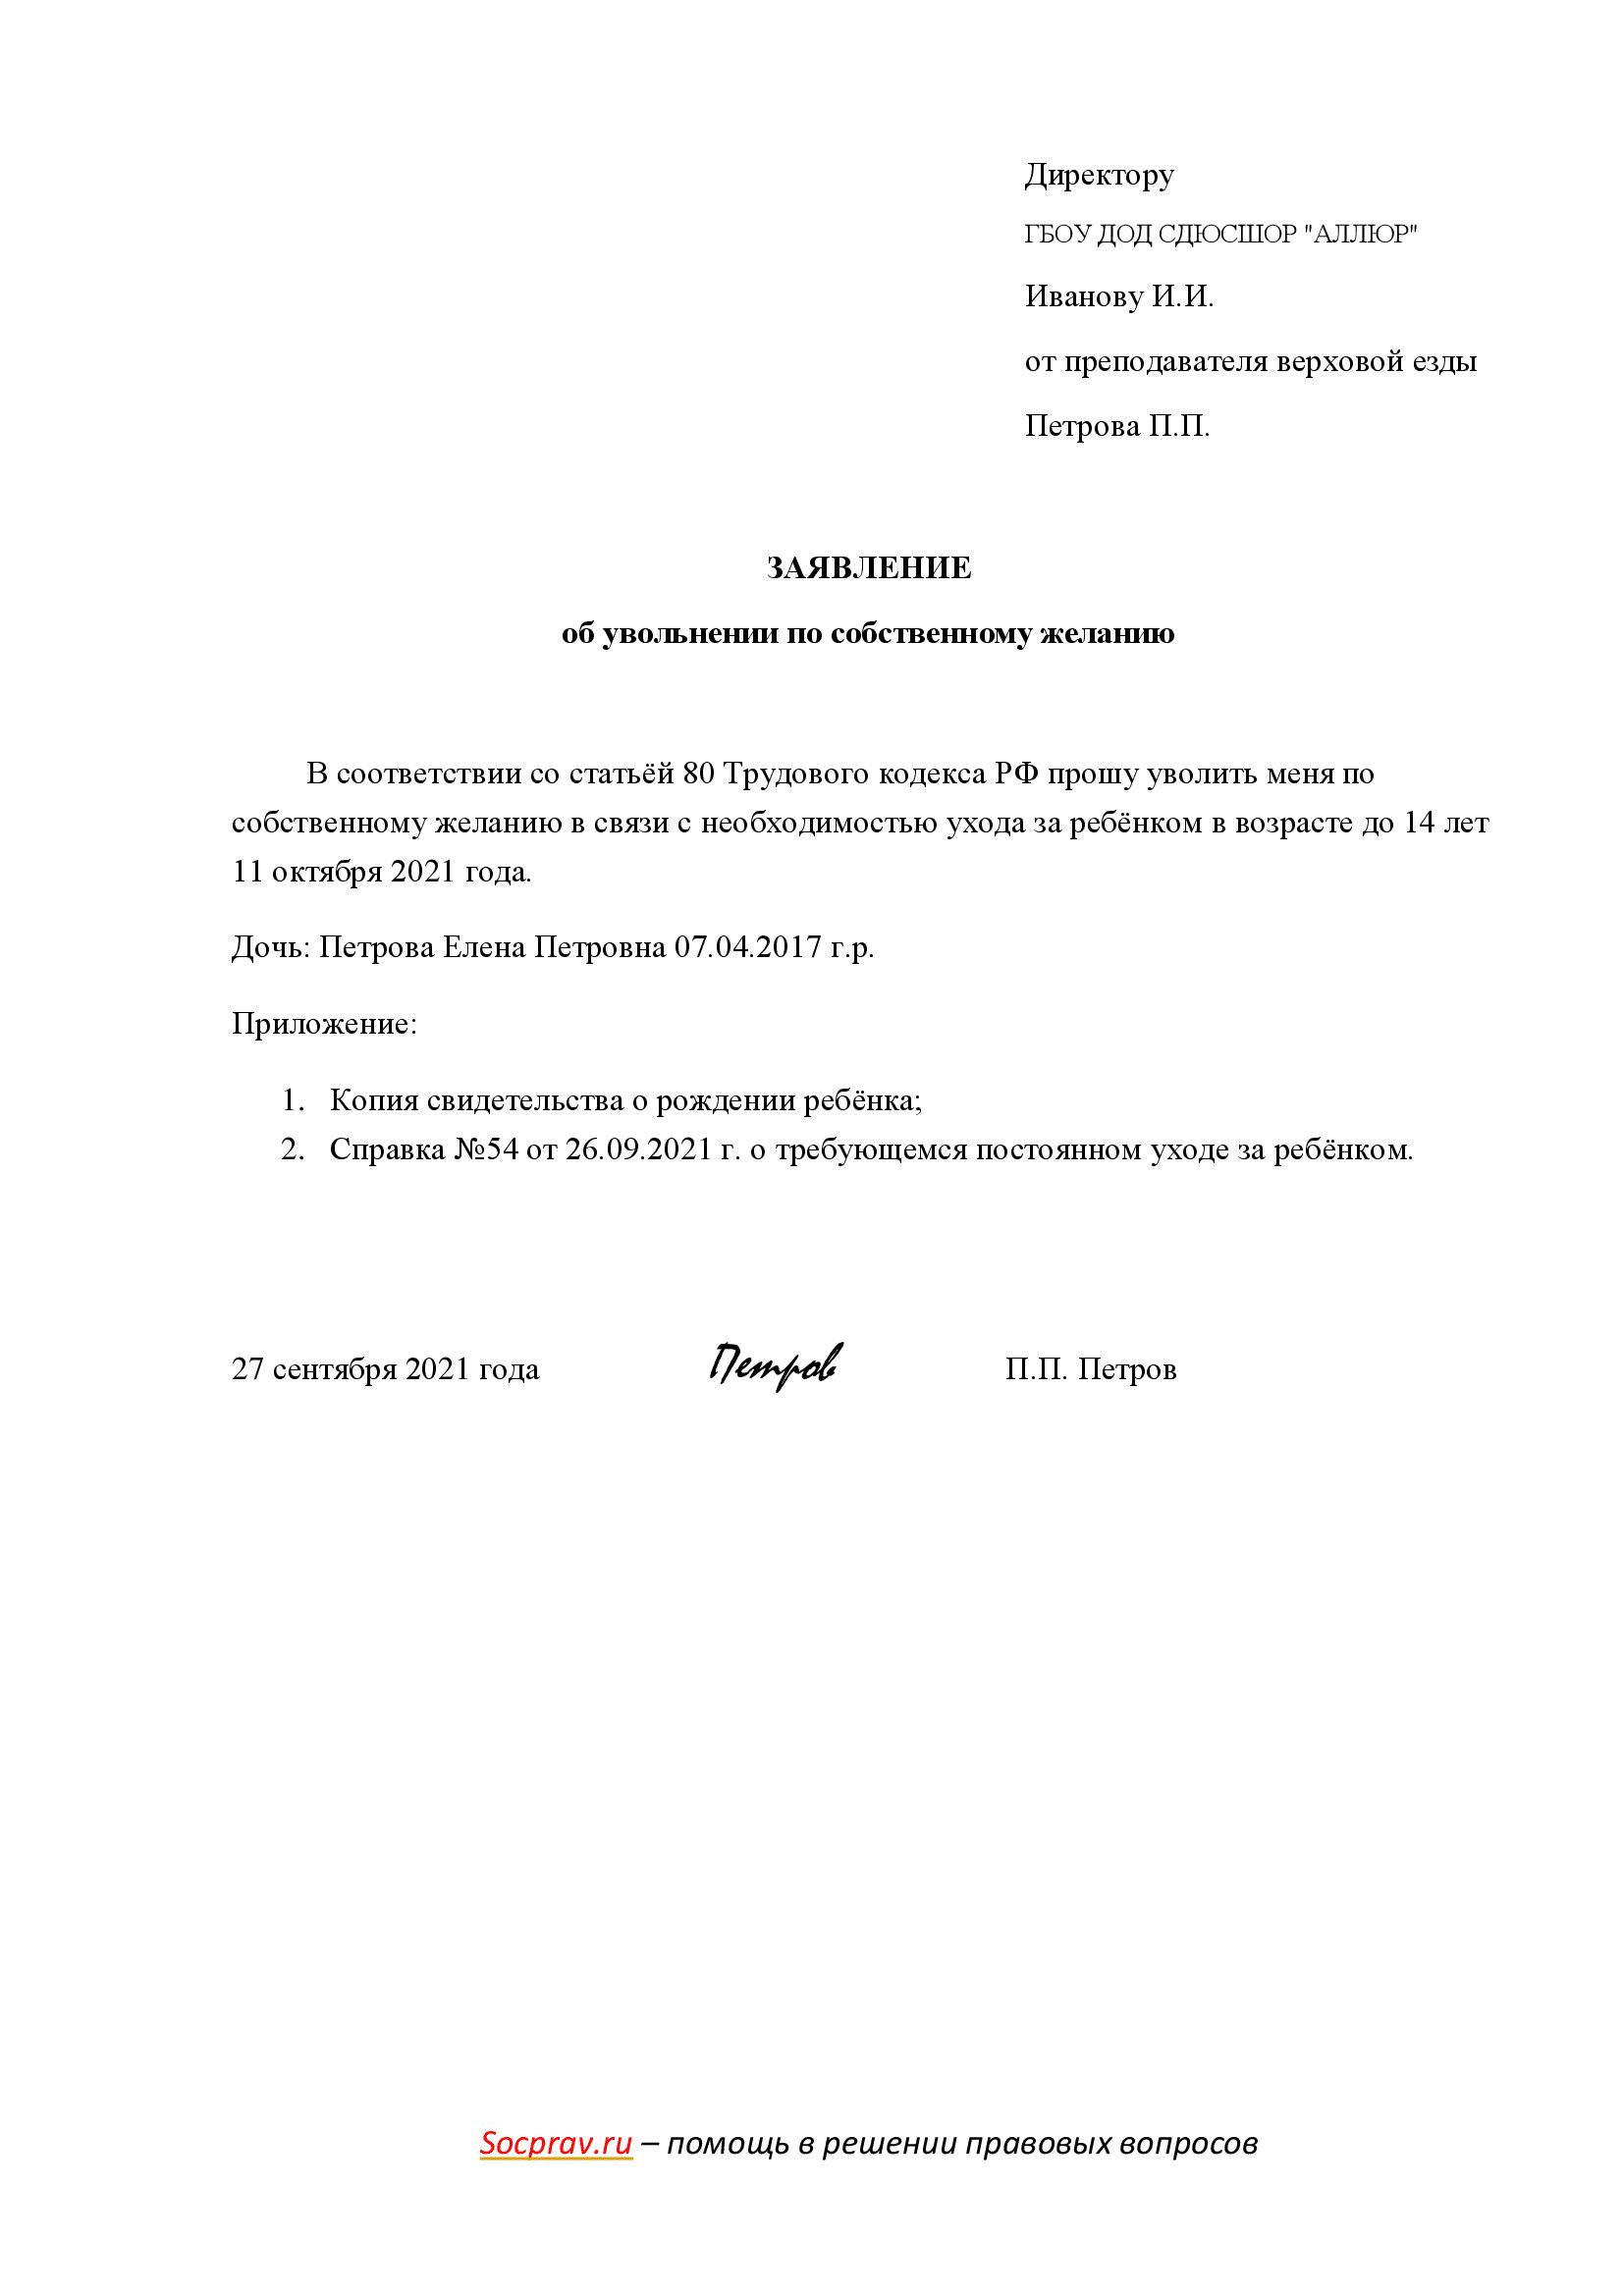 Заявление об увольнении по уходу за ребенком до 14 лет